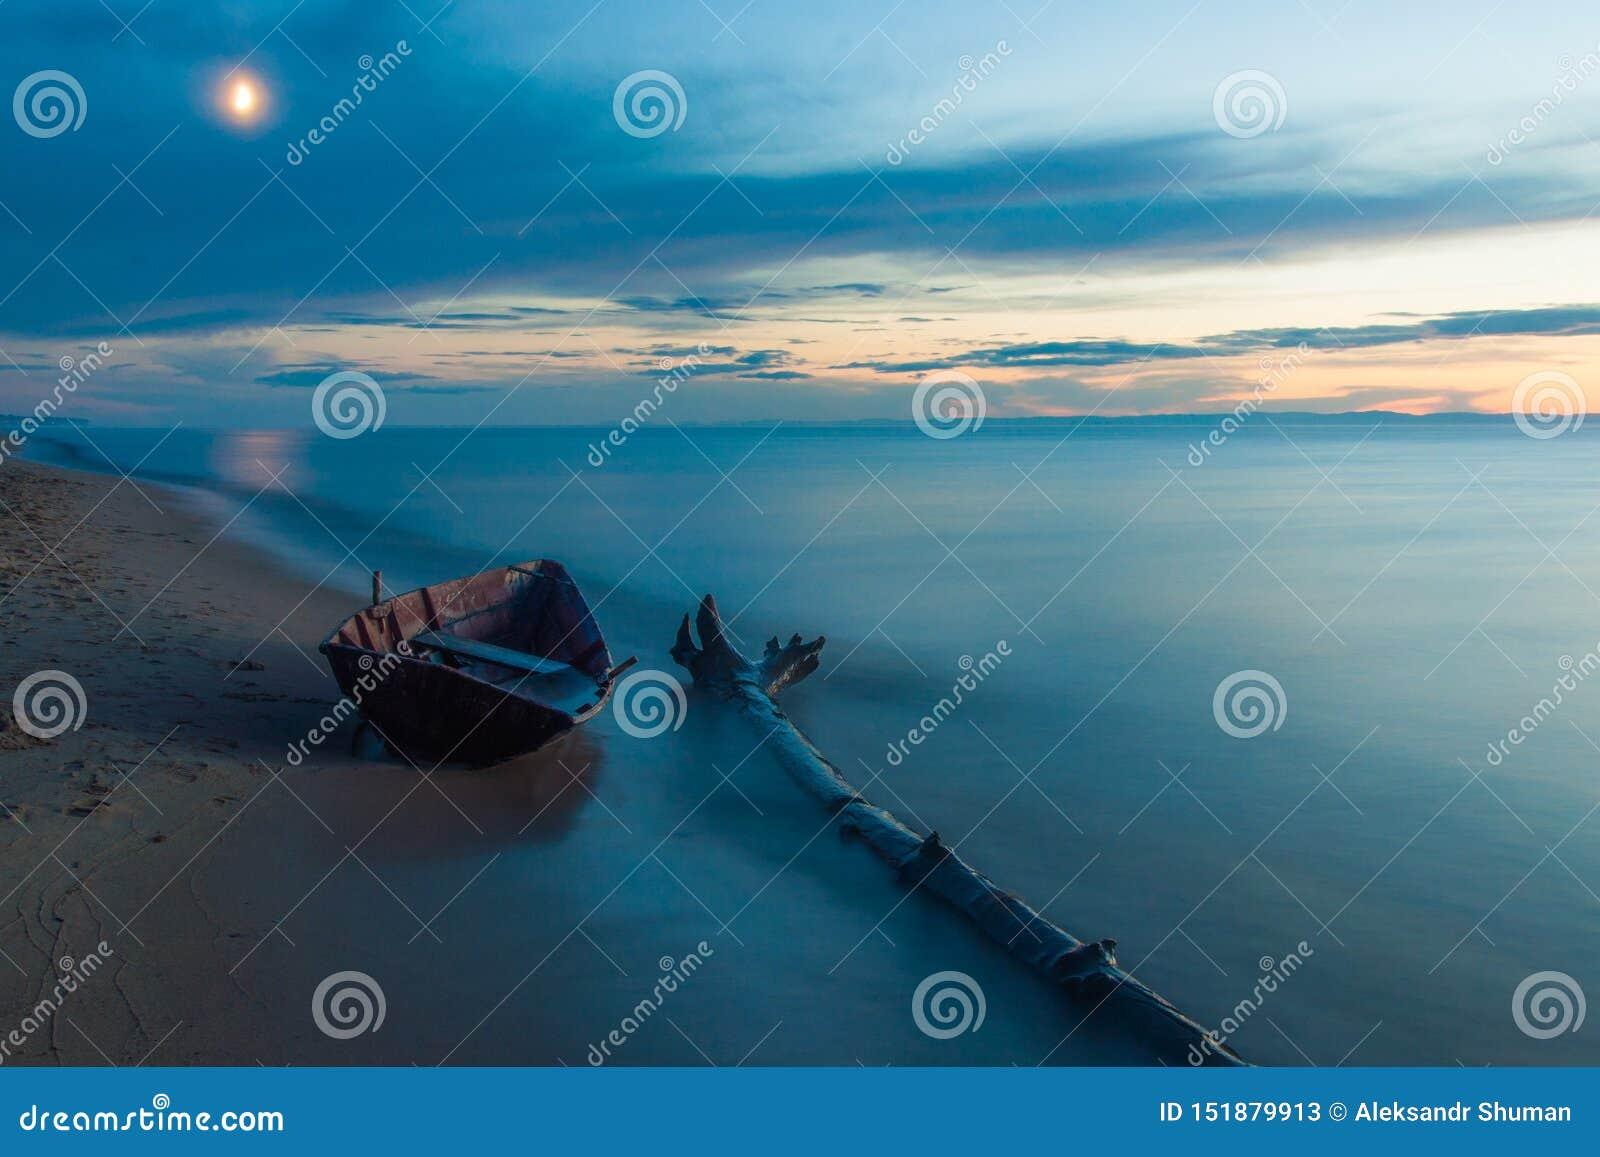 Drewniana łódź na brzeg jeziorny Baikal w blask księżyca w wieczór